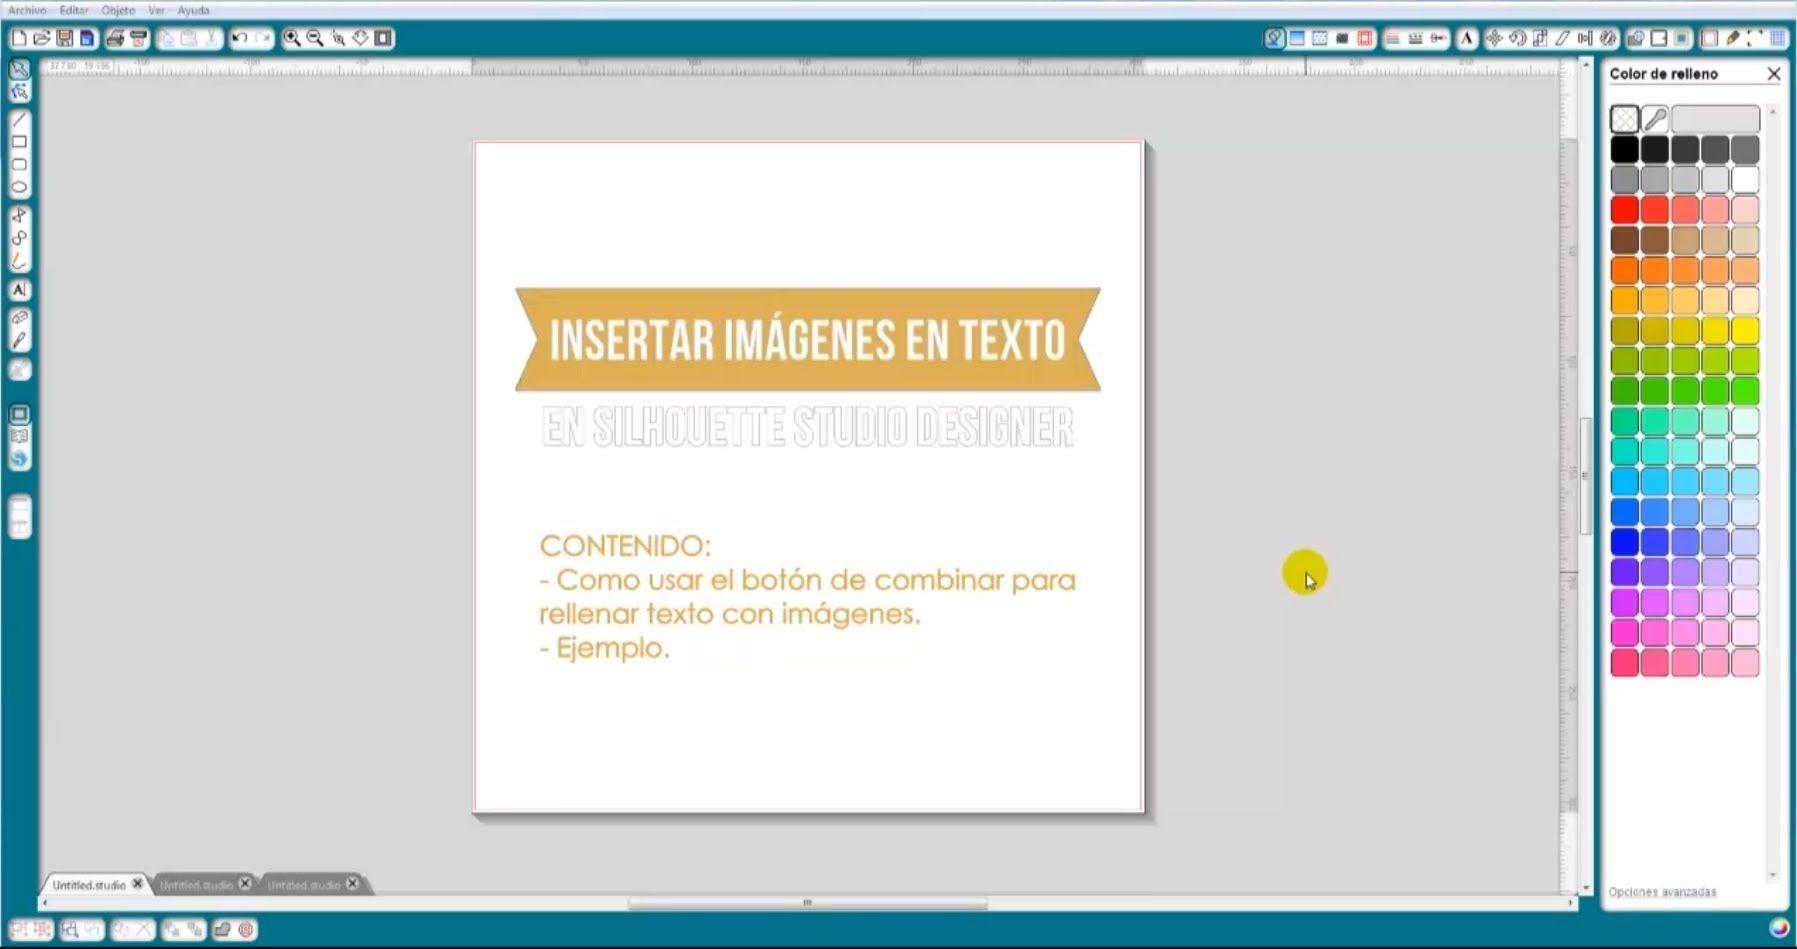 Tutorial Insertar Imágenes En Texto En Silhouette Studio Designer Español Silhouette Cameo Español Silueta De Camafeo Insertar Imagen Y Tutoriales